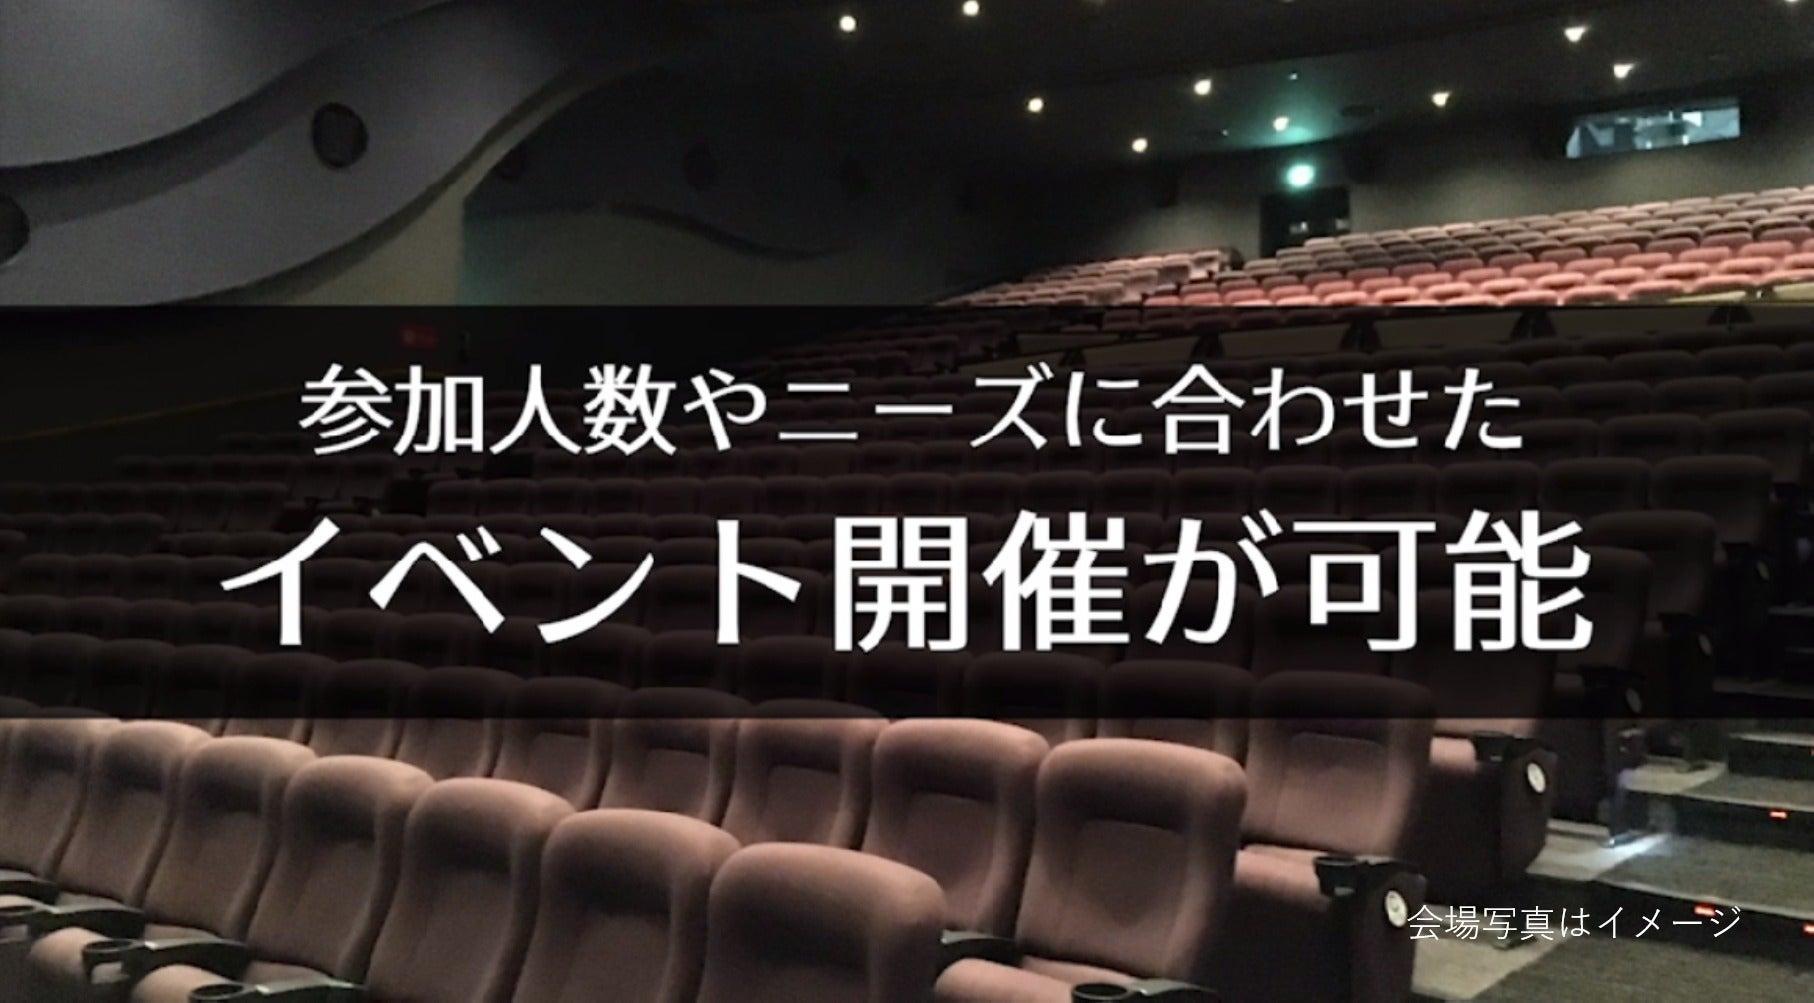 【水戸 123席】映画館で、会社説明会、株主総会、講演会の企画はいかがですか?(ユナイテッド・シネマ水戸) の写真0